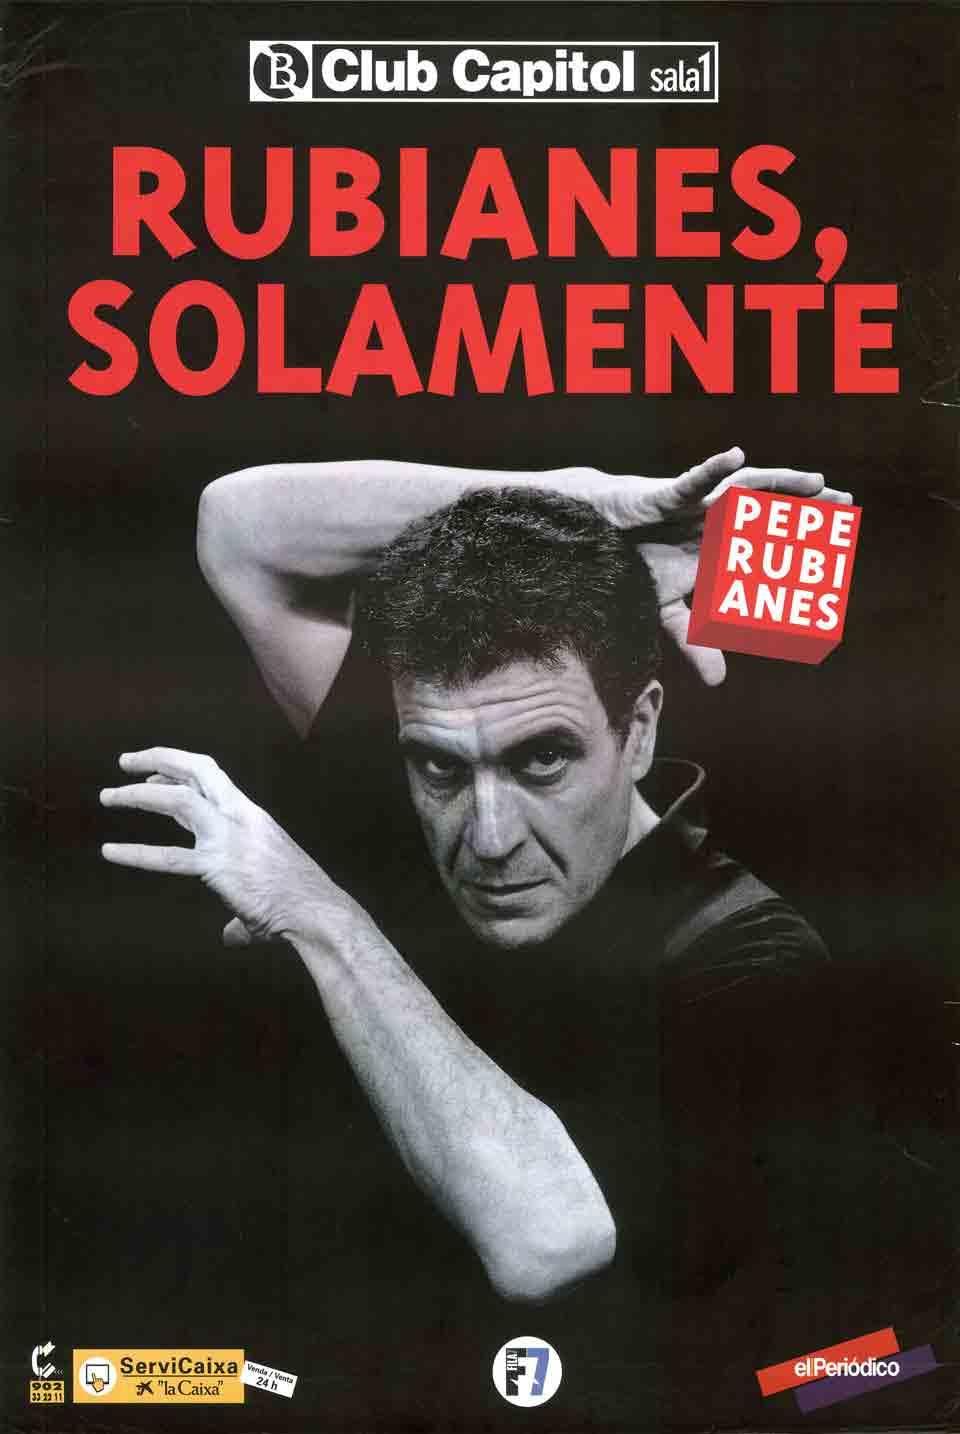 Cartell de Rubianes, solamente, estrenat el 1998 al Club Capitol de Barcelona